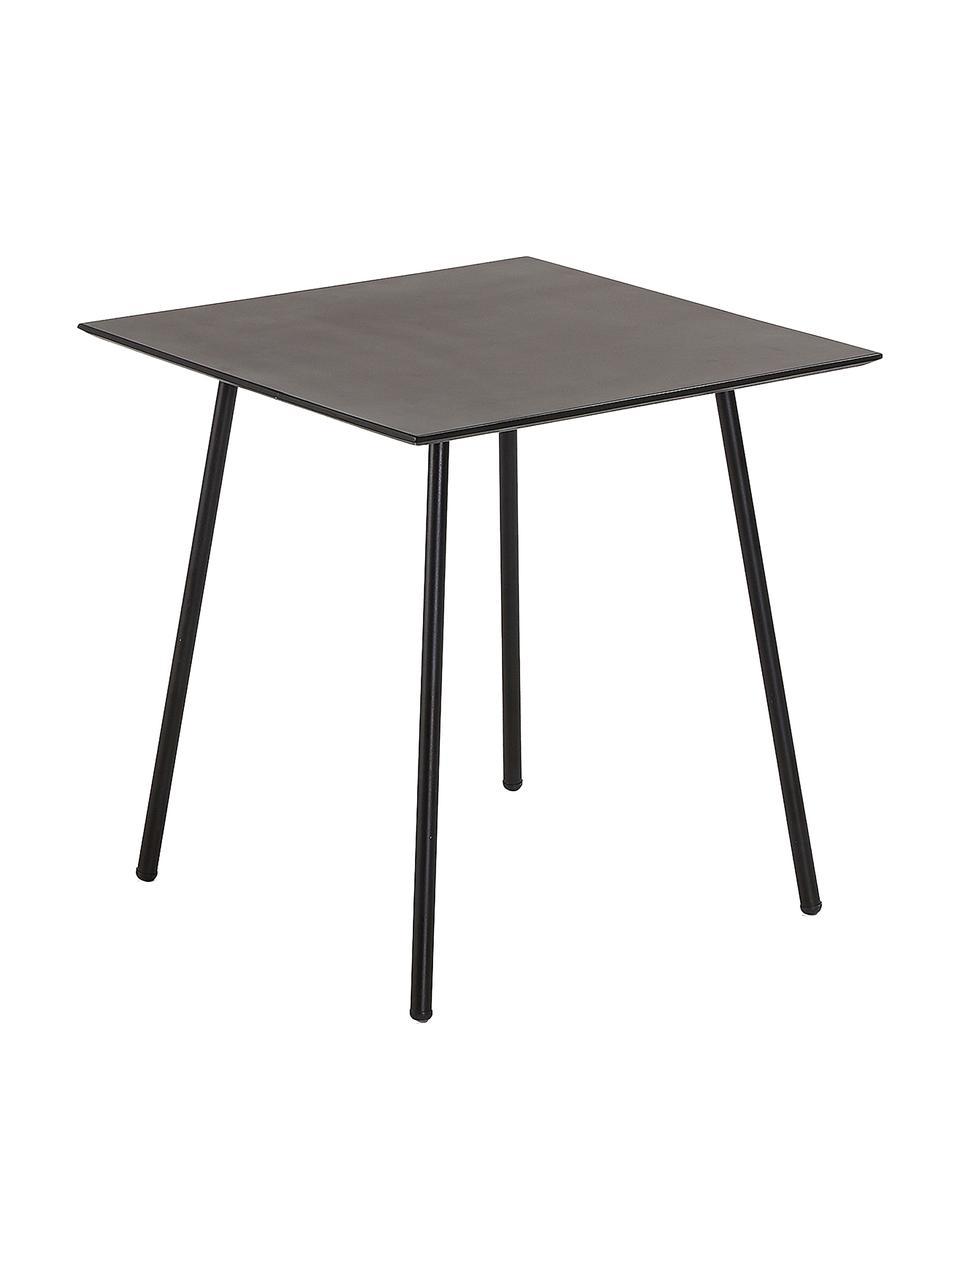 Kleiner Metall-Esstisch Mathis in Schwarz, Tischplatte: Verzinkte Stahl- und Zeme, Beine: Metall, Pulverbeschichtet, Schwarz, 75 x 75 cm